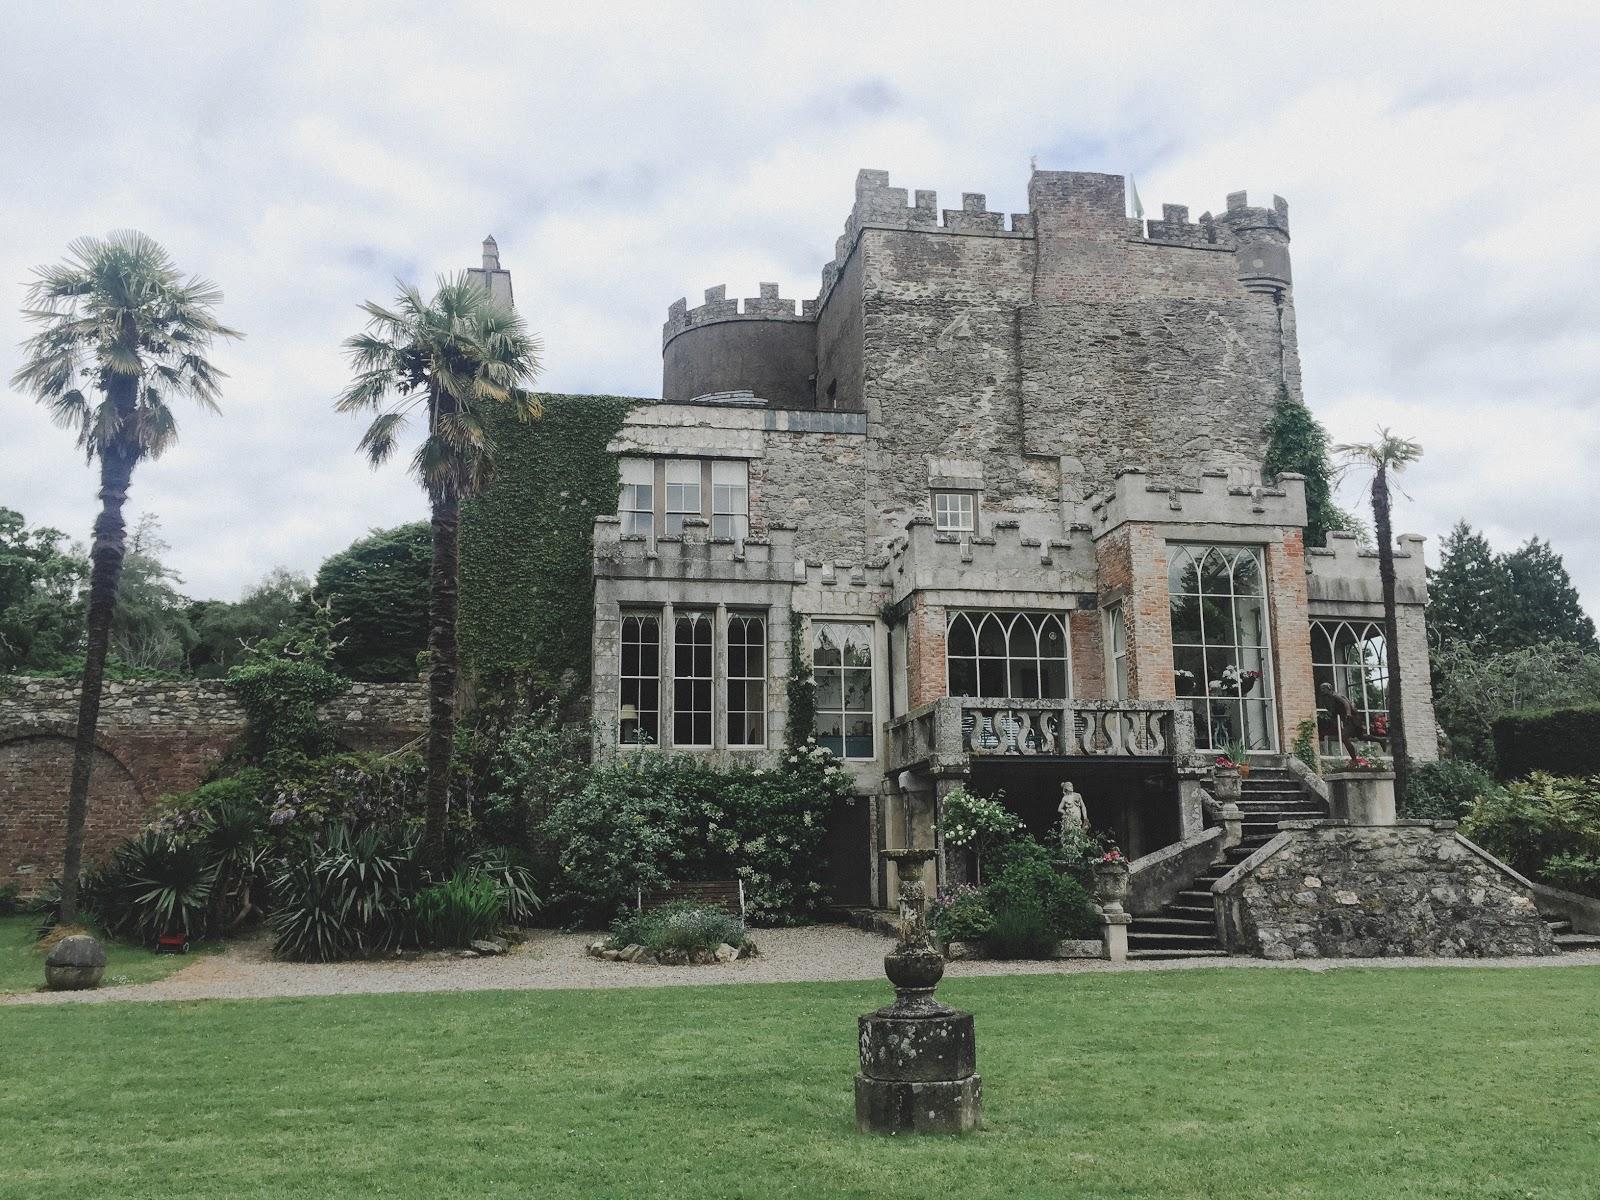 castelo de Huntington irlanda